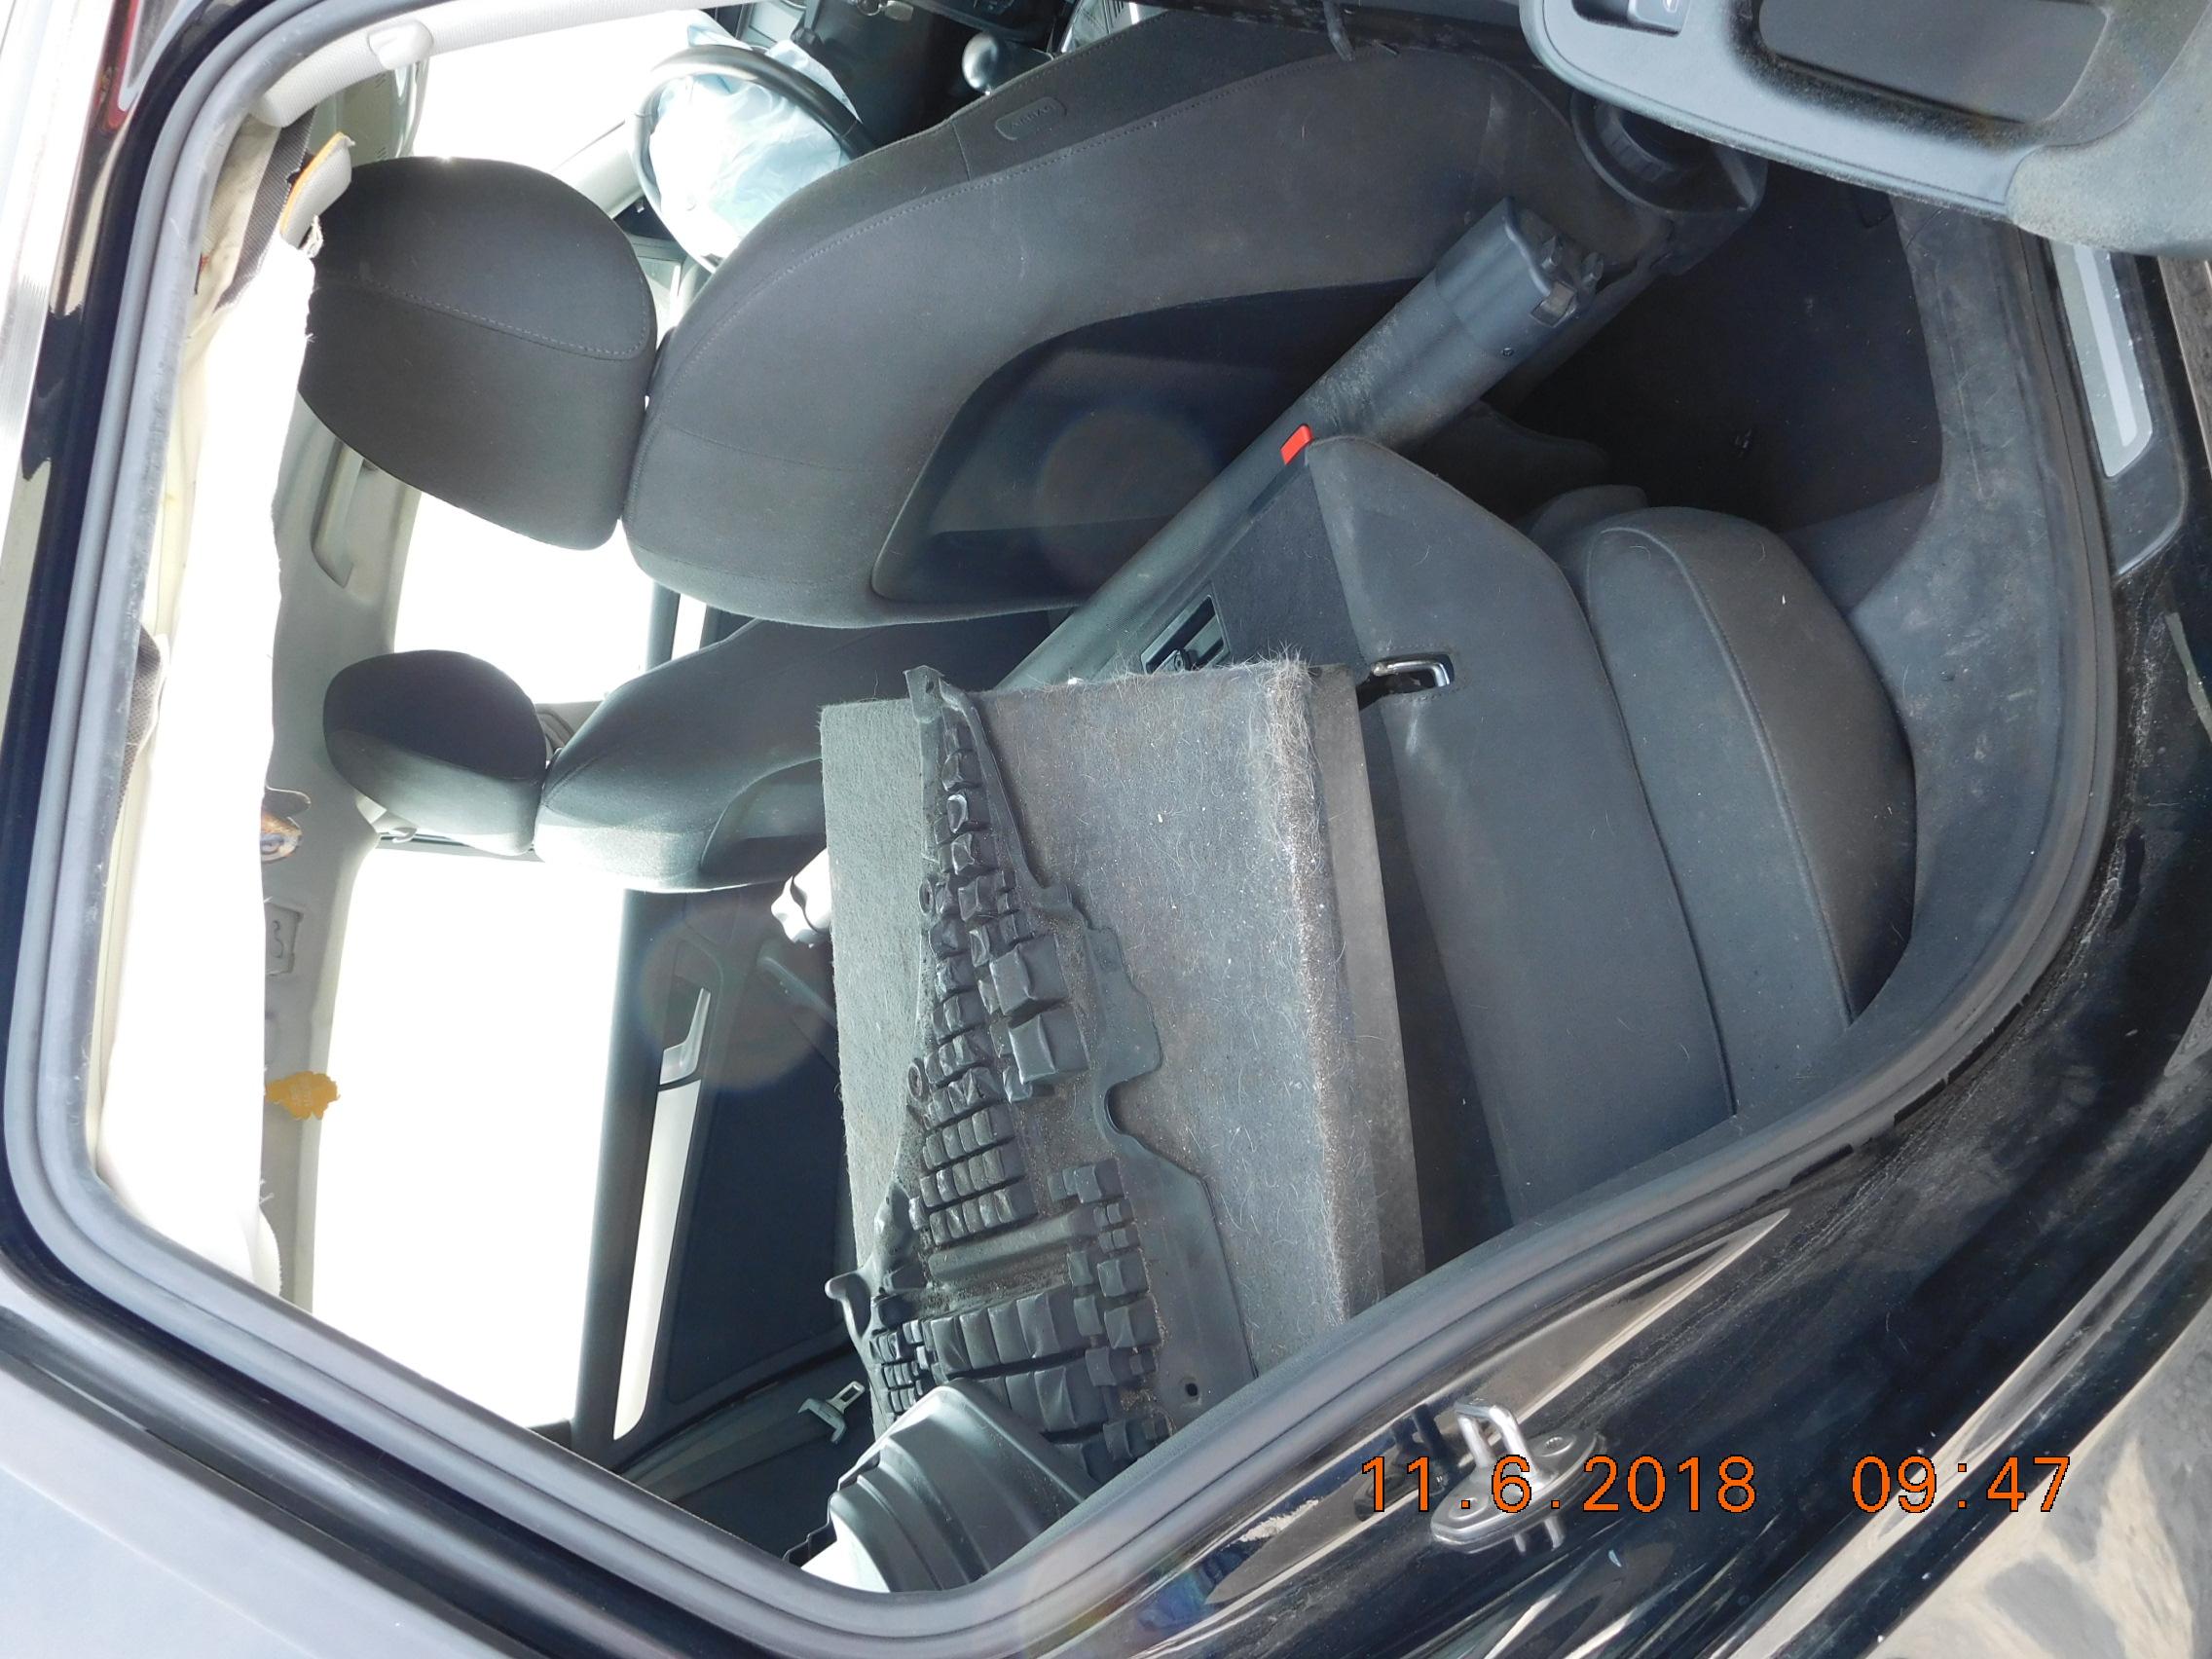 AUDI A4 INCIDENTATA in vendita - foto 3